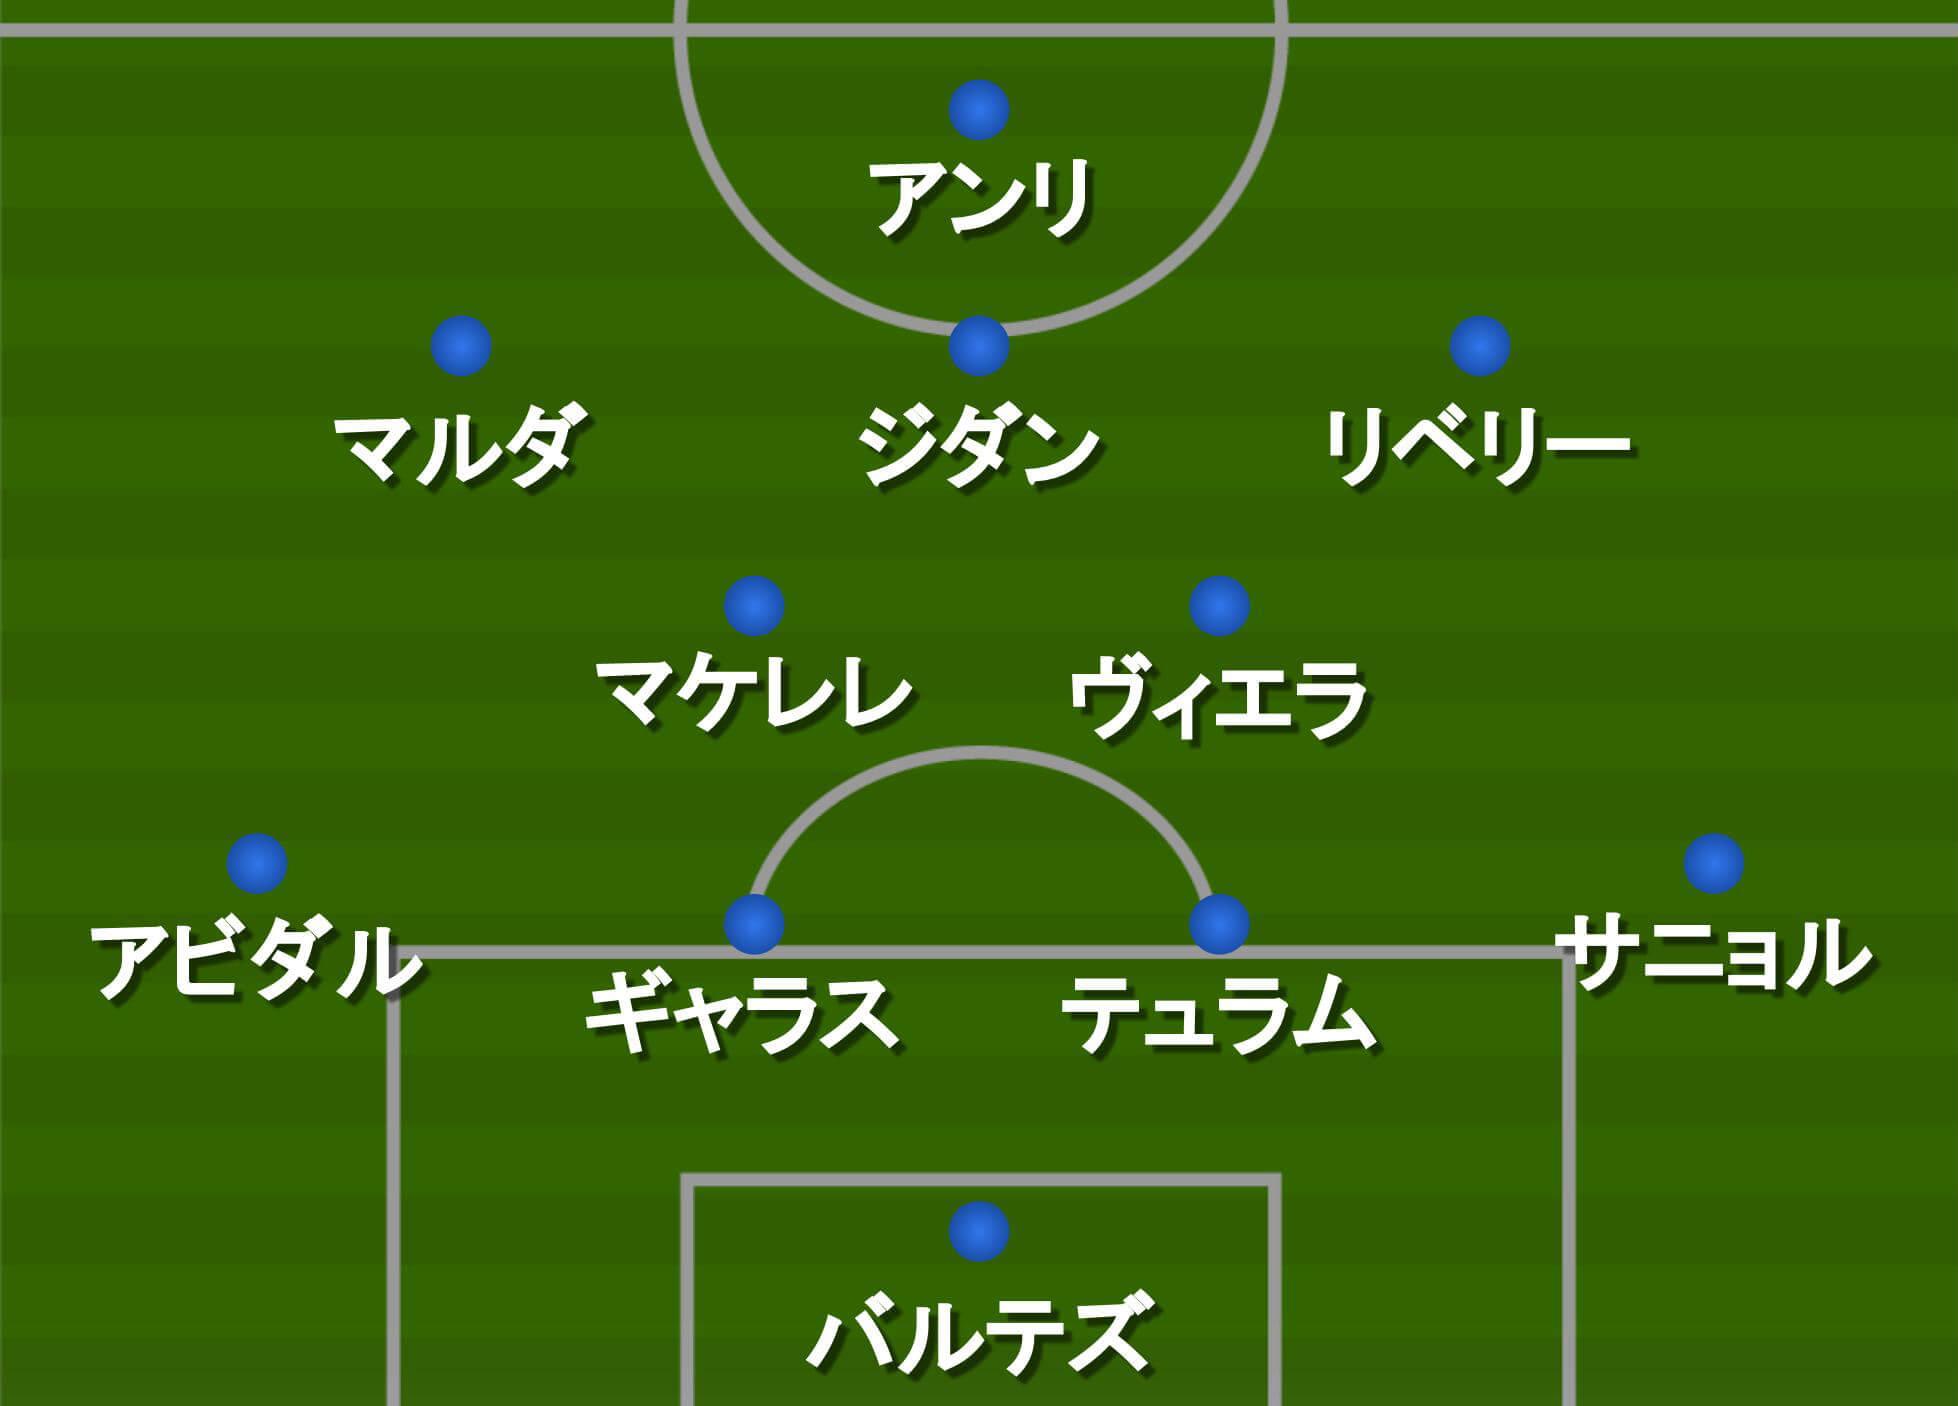 2006W杯フランス代表メインフォーメーション「4-2-3-1」